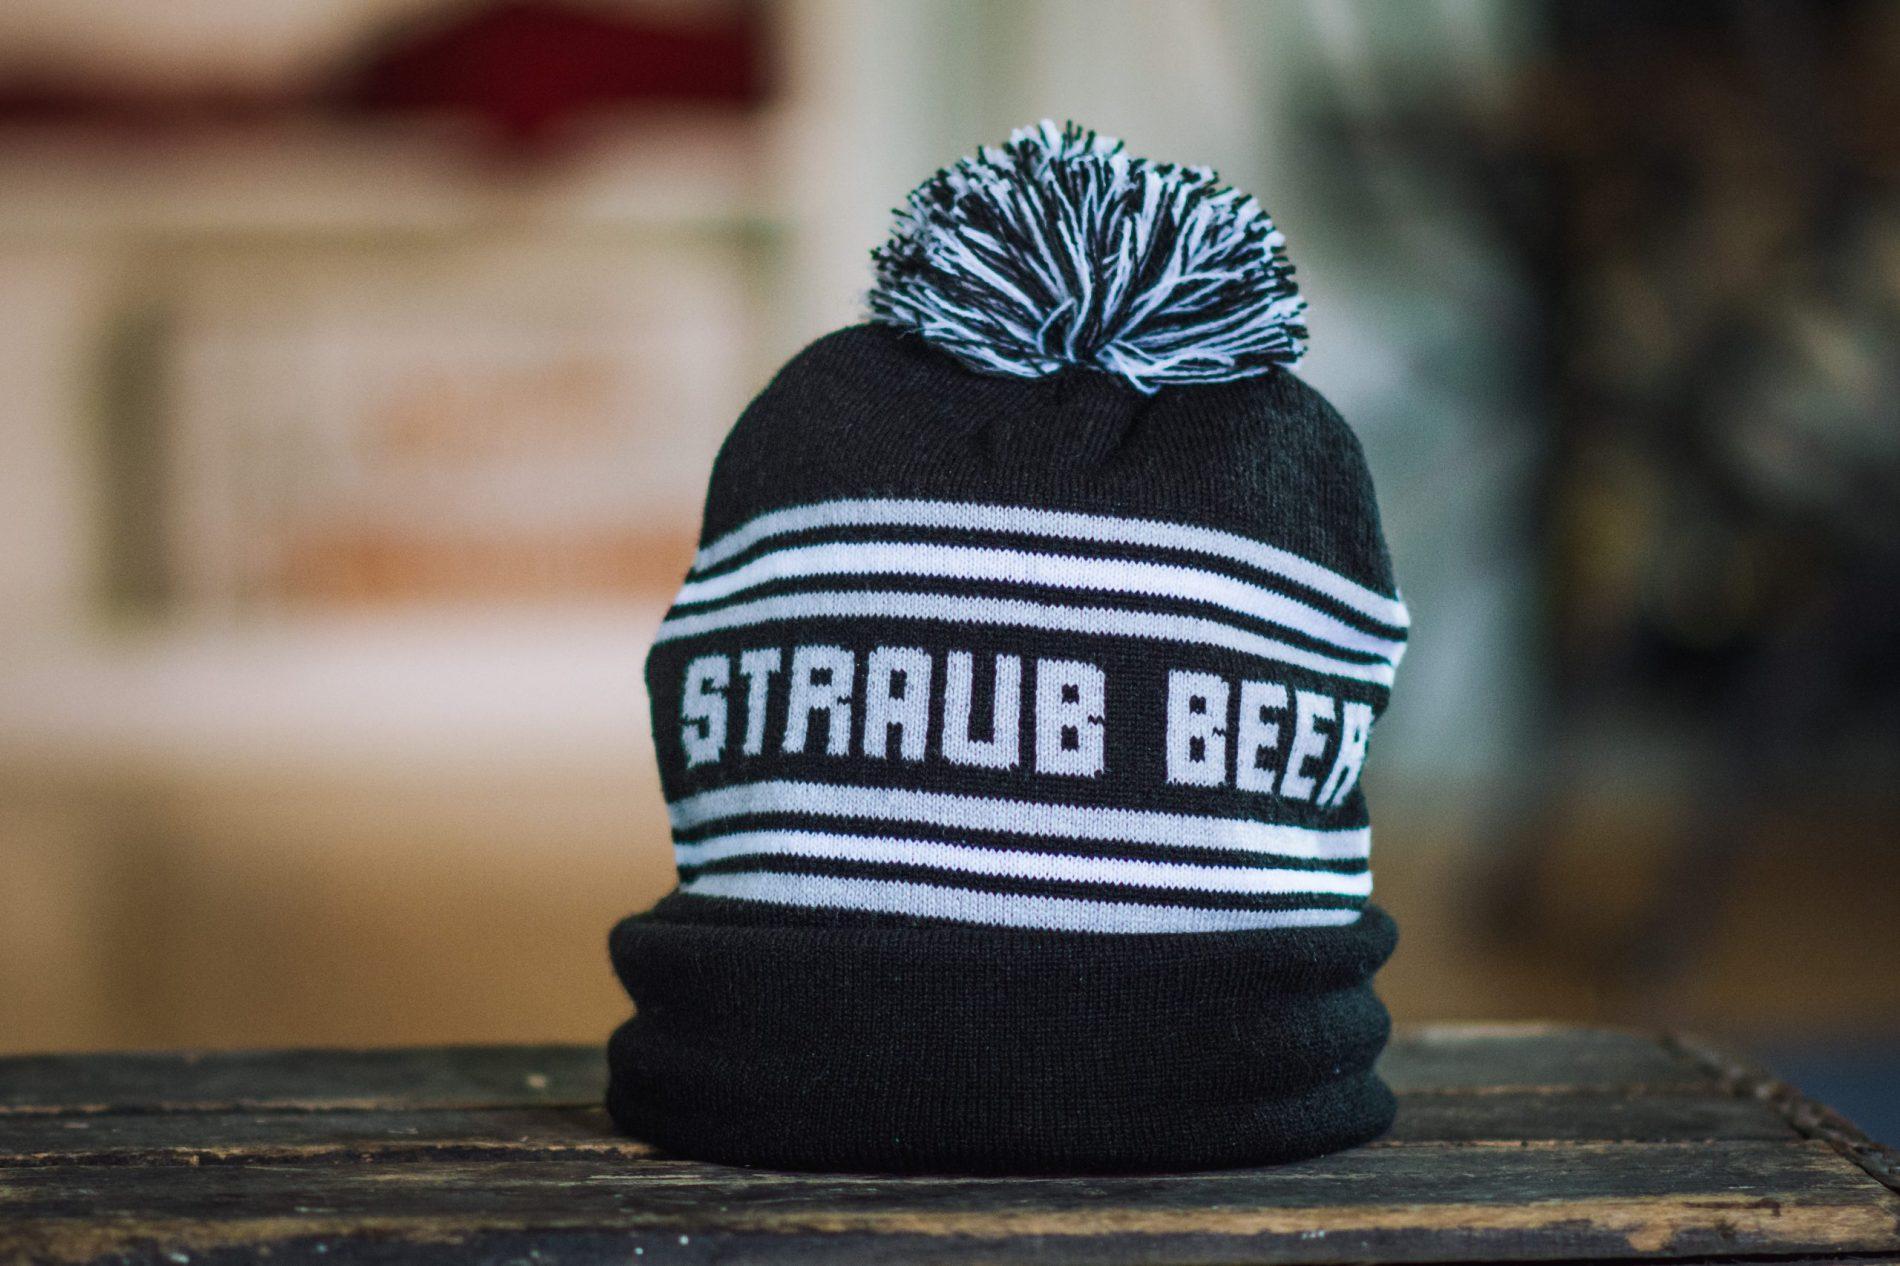 Straub navy blue and white pom hat